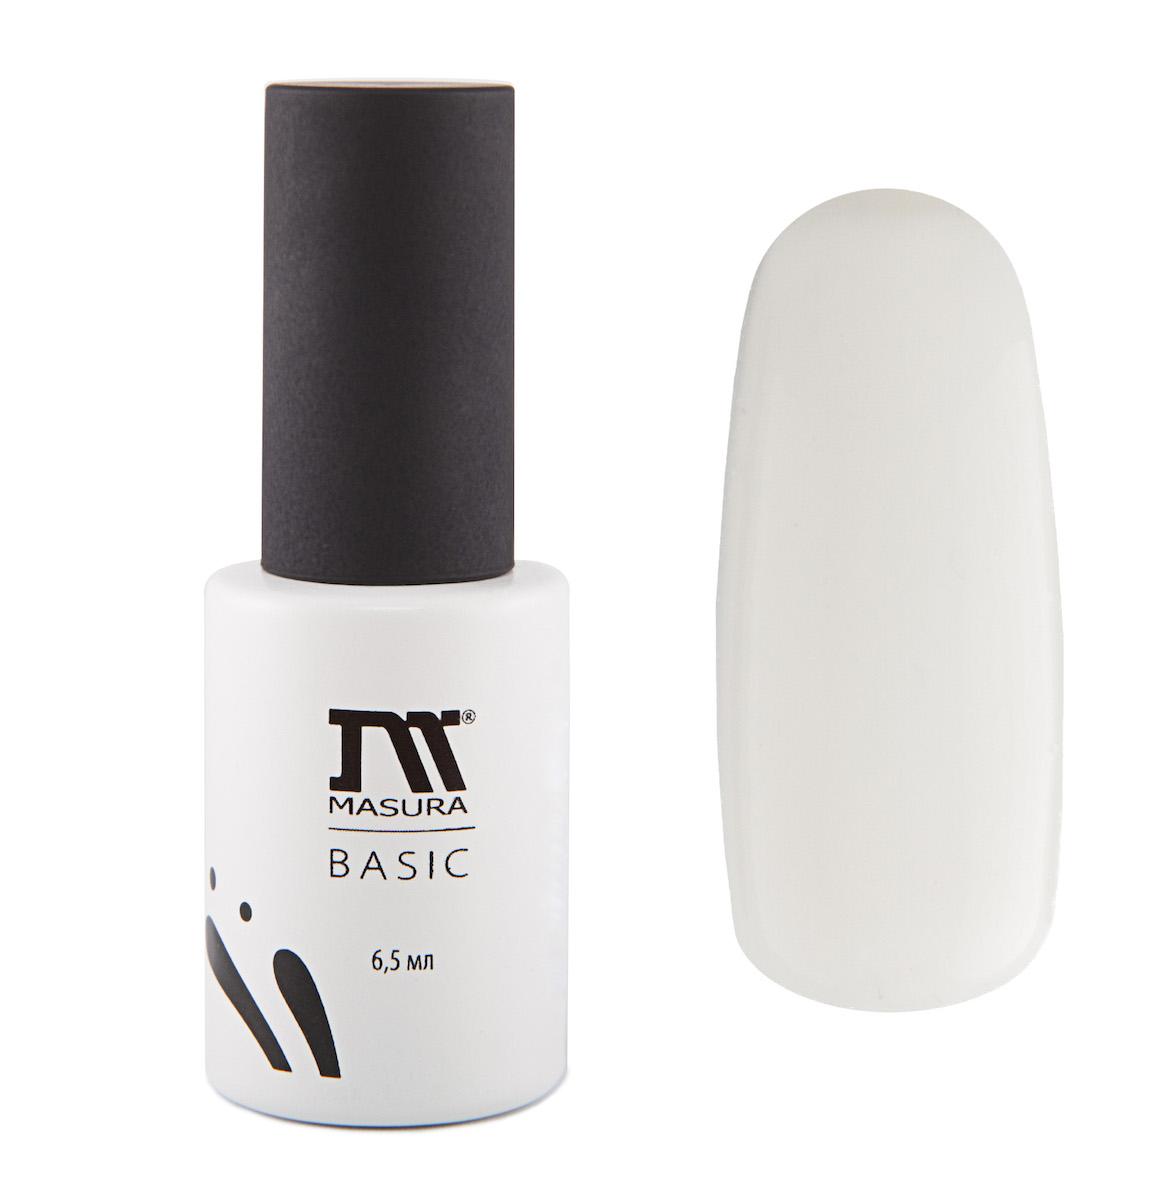 Masura BASIC White Base/Белая основа для гель-лаков 6,5 мл78127Белая базарекомендуется для применения с неплотными, полупрозрачными цветными гель-лаками.Требует применения праймера (артикул 312).